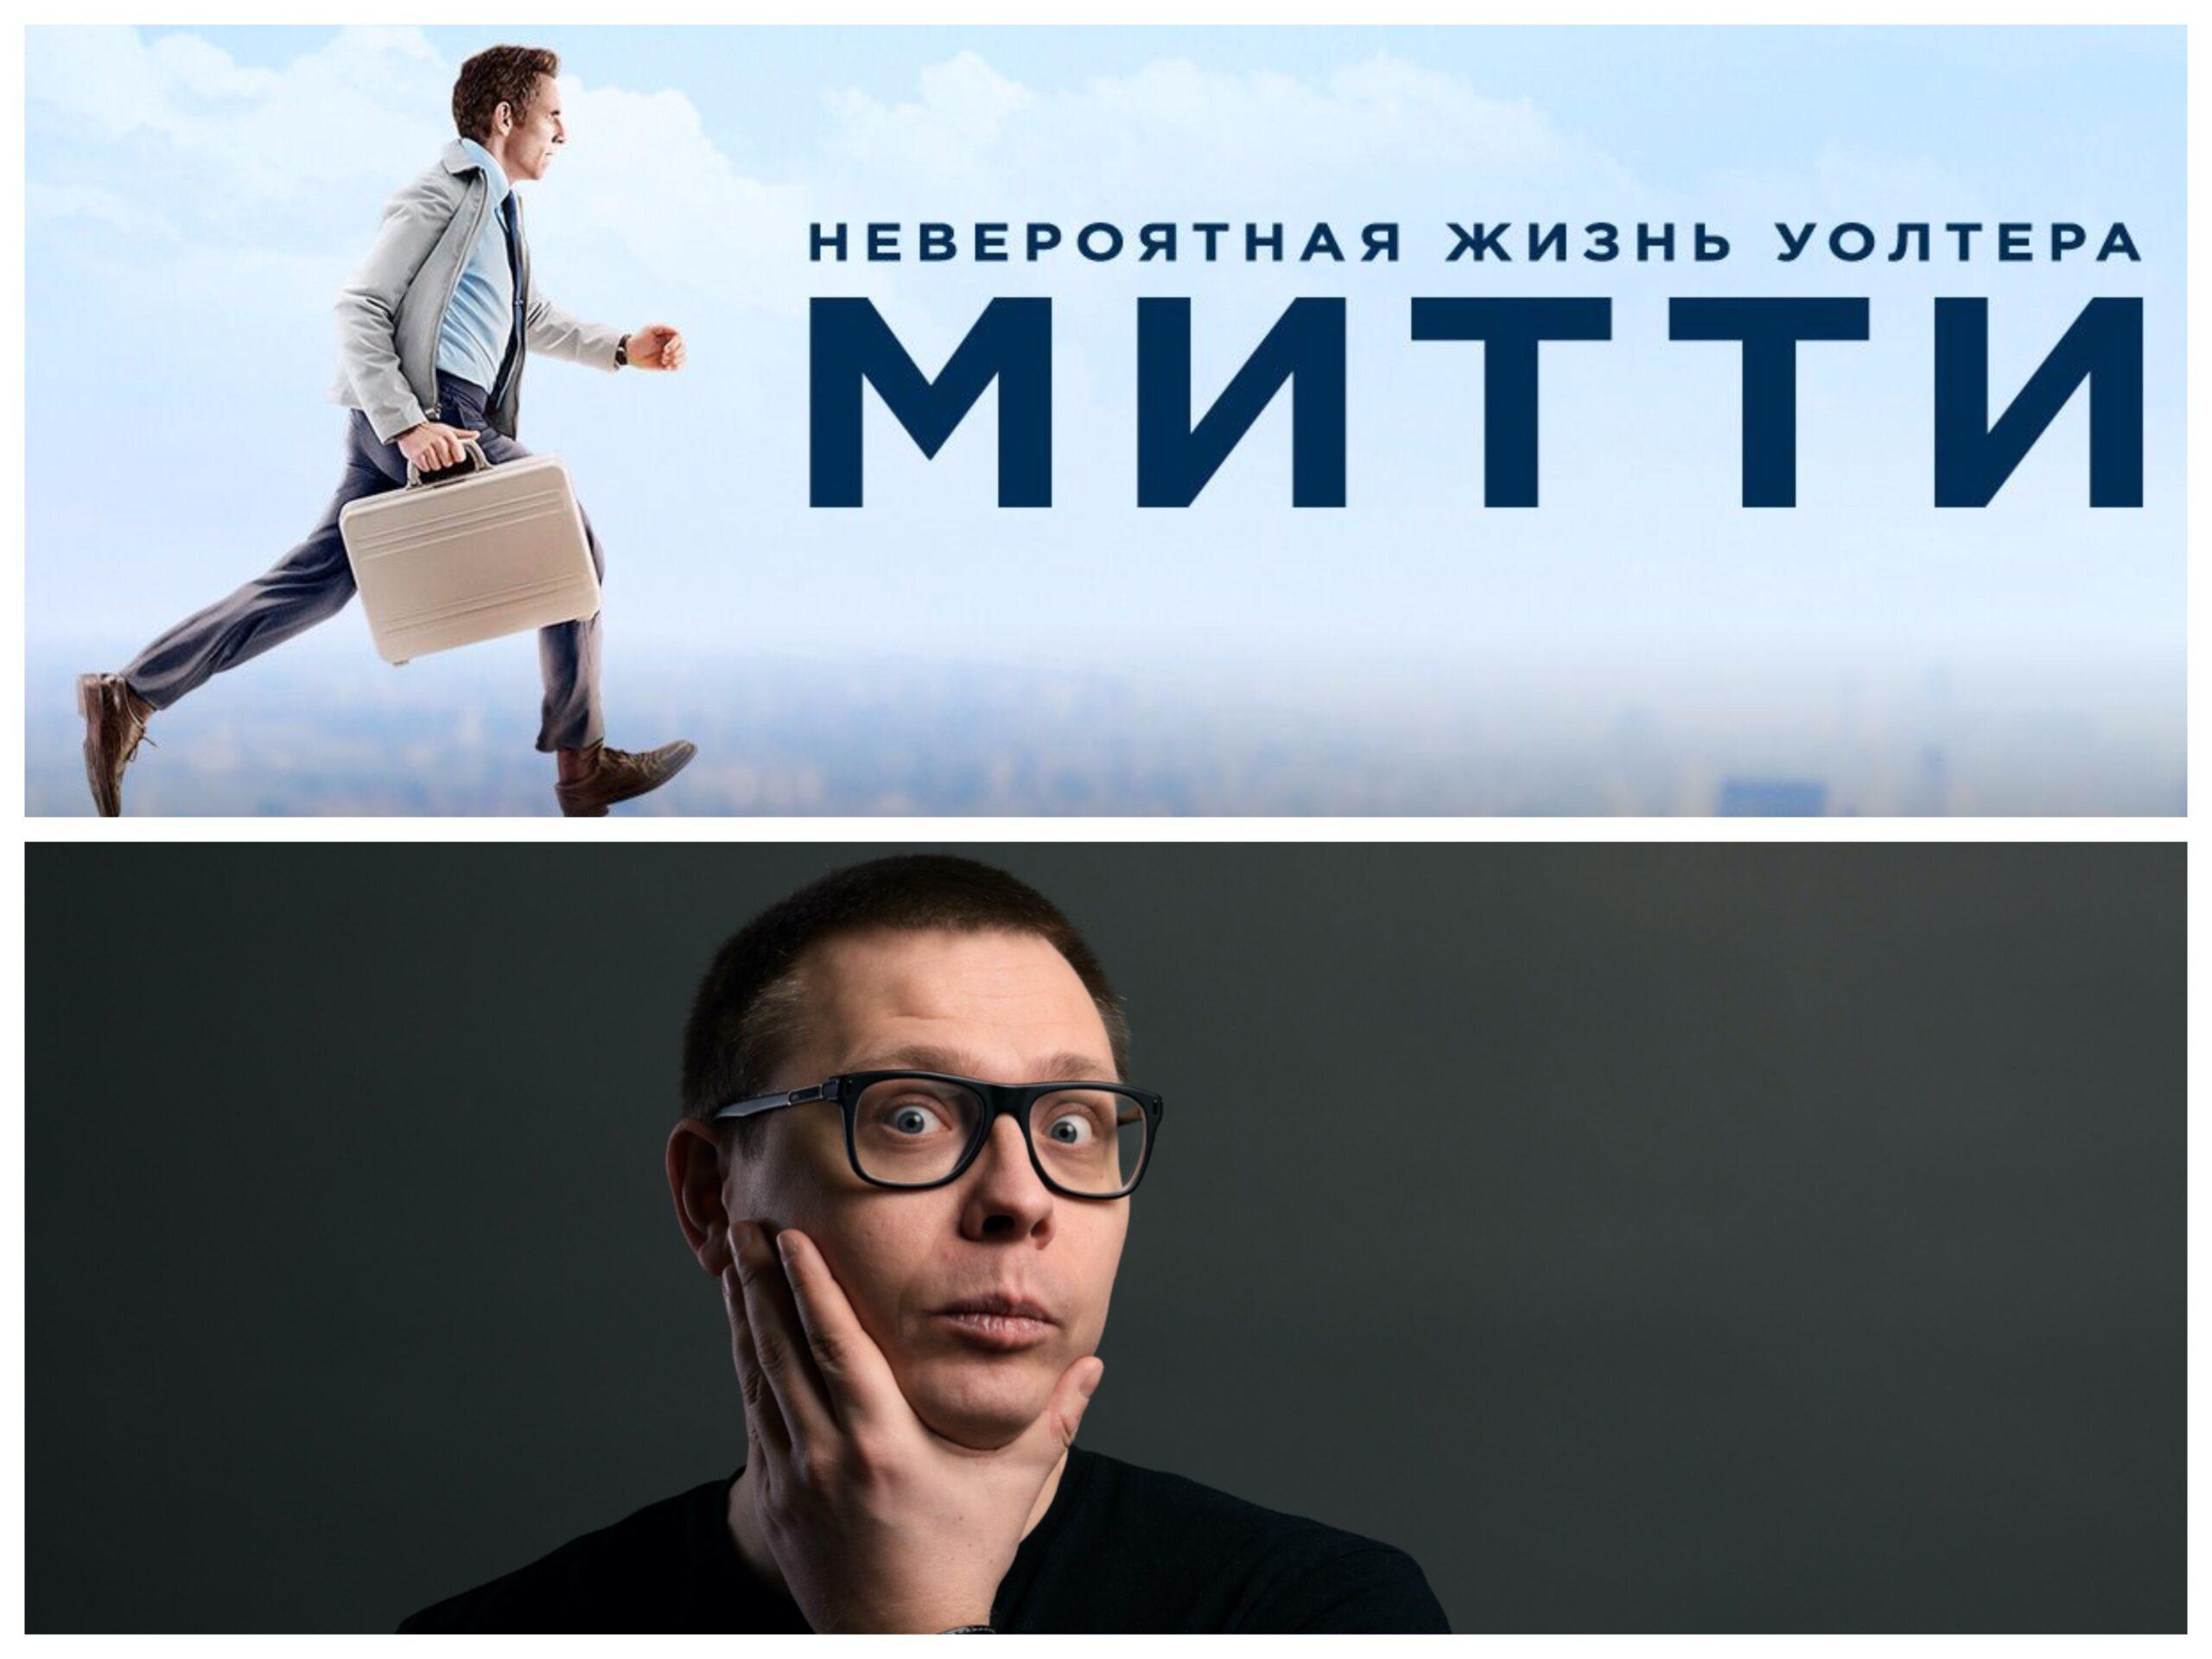 кинопсихология. невероятная жизнь уолтера митти. психологический разбор кино. психология в кино. кино и психология.